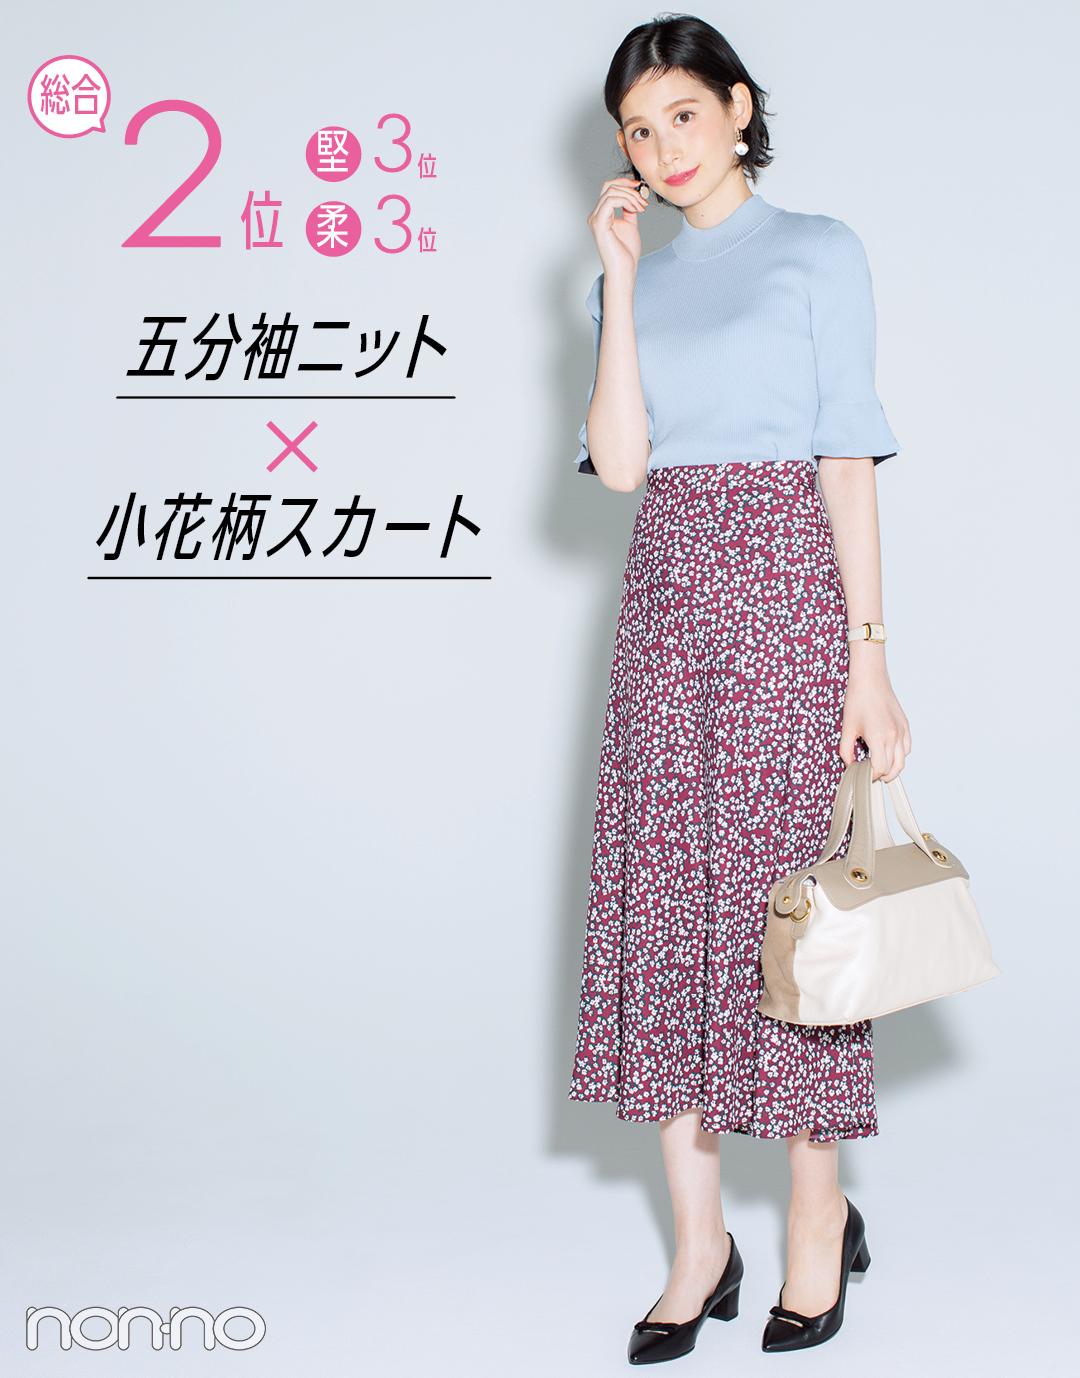 総合2位 五分袖ニット×小花柄スカート